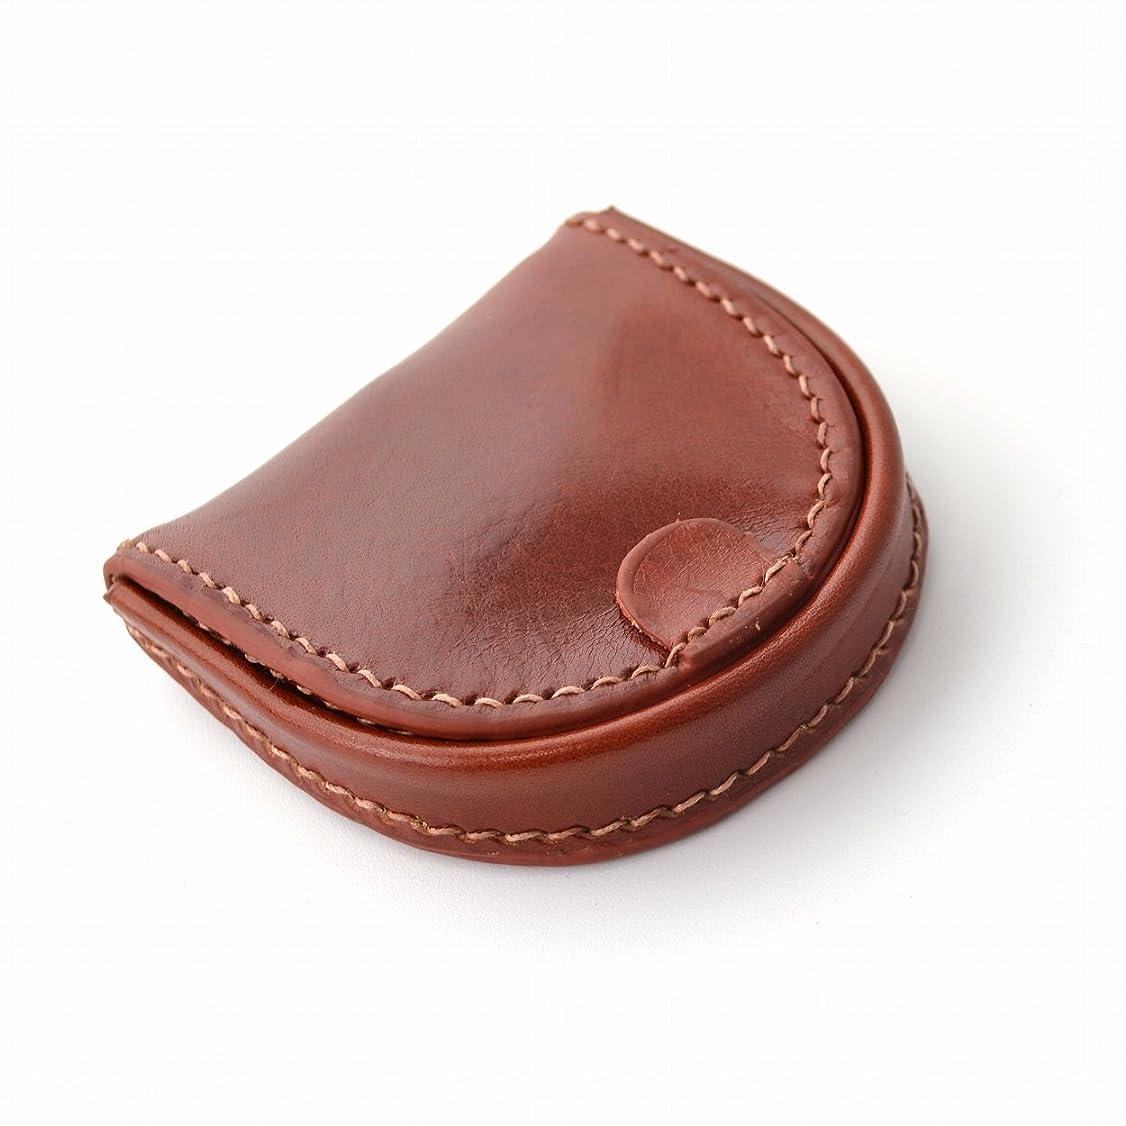 表現各鋸歯状[ハービーアンドハドソン]Harvie&Hudson メンズ 財布 コインケース 馬蹄型 牛革イタリアンレザー 小銭入れ f-2008